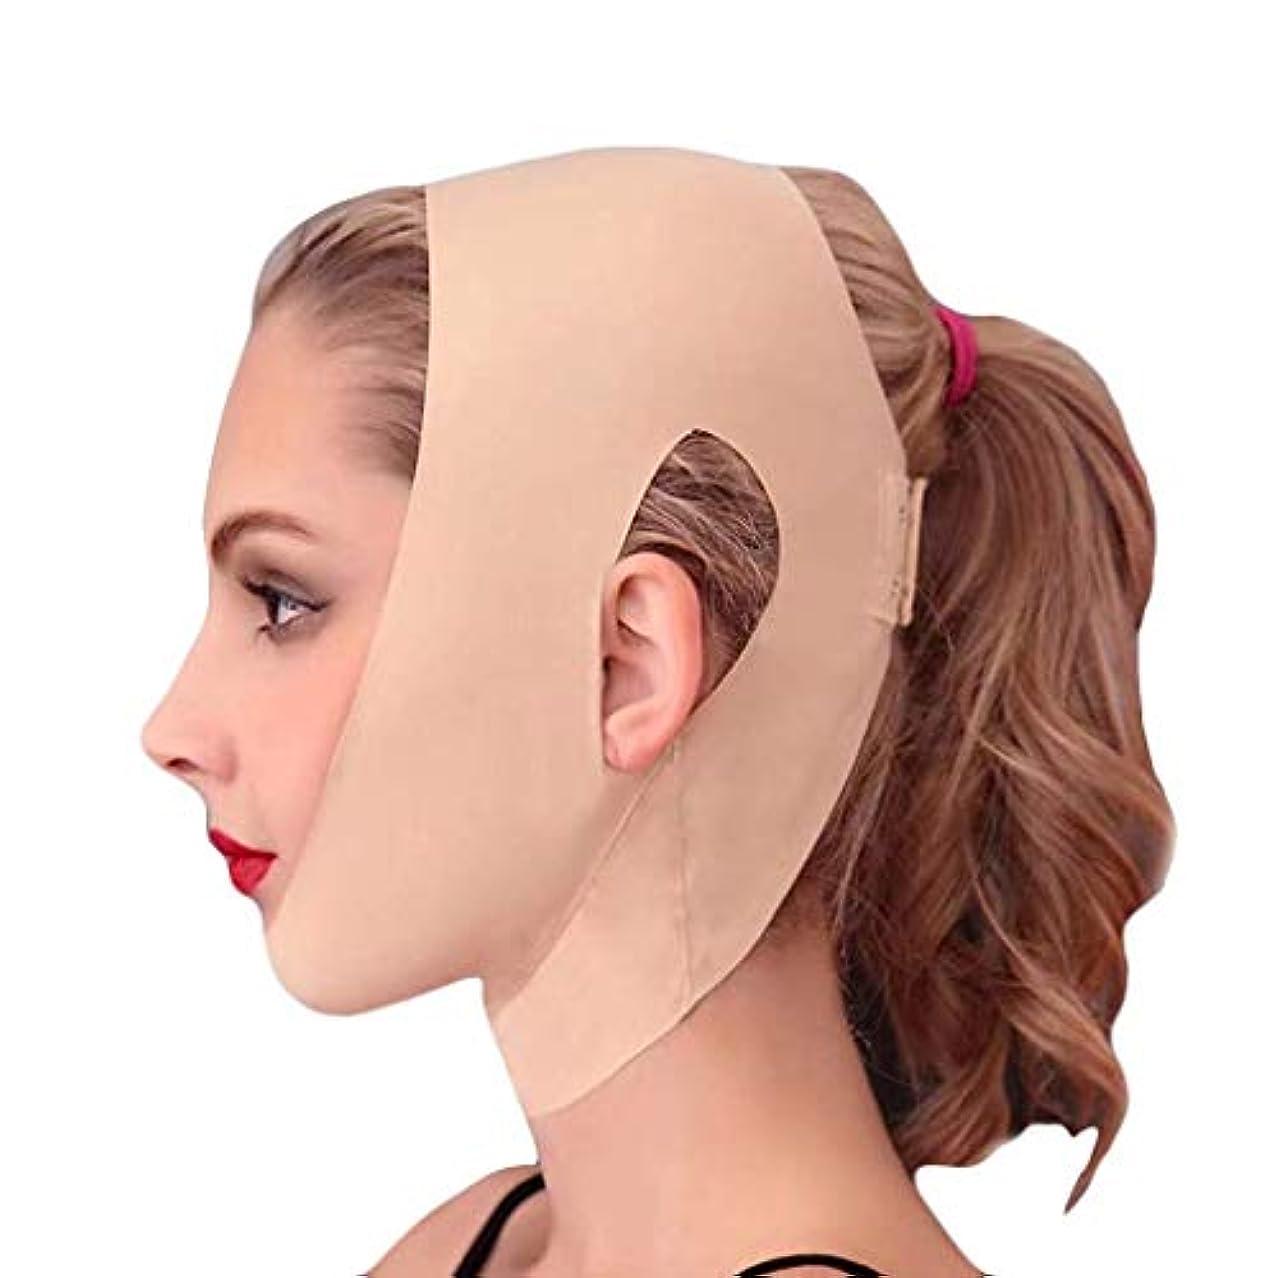 彼ら気性拳持ち上がるしっかりした包帯のための顔の持ち上がる用具、表面持ち上がること、引き締まること、顔の減量ベルト